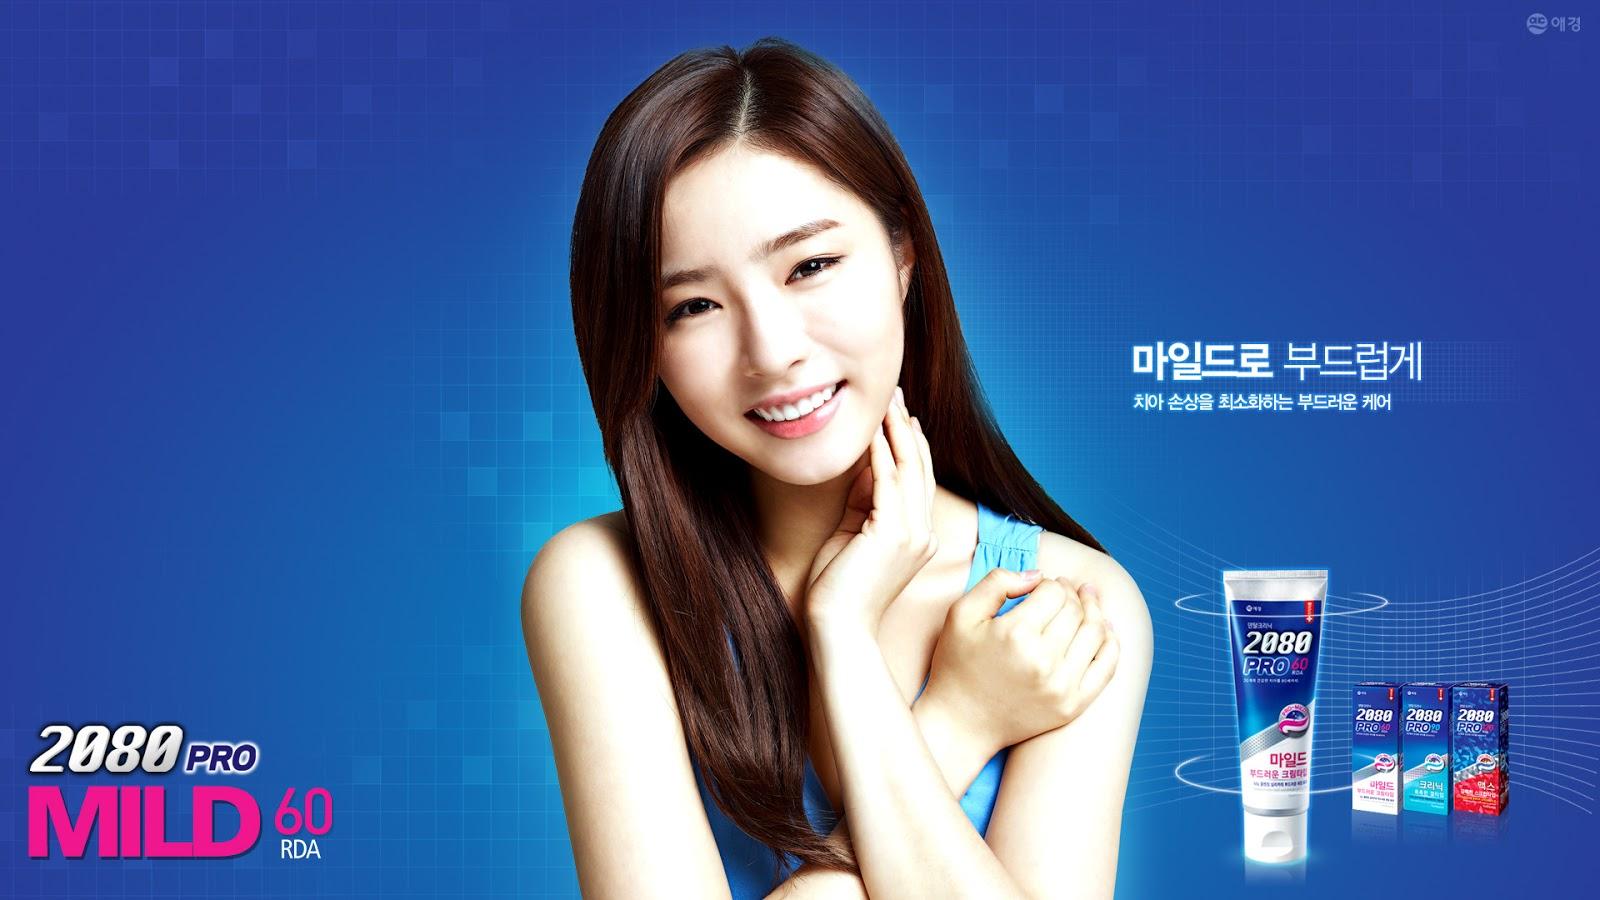 http://2.bp.blogspot.com/-s8VbiW5HpMU/UR5CS9zD8nI/AAAAAAAAciI/LMZIFSrIvuM/s1600/Shin+Se+Kyung+Aekyung+2080+Wallpaper+HD.jpg